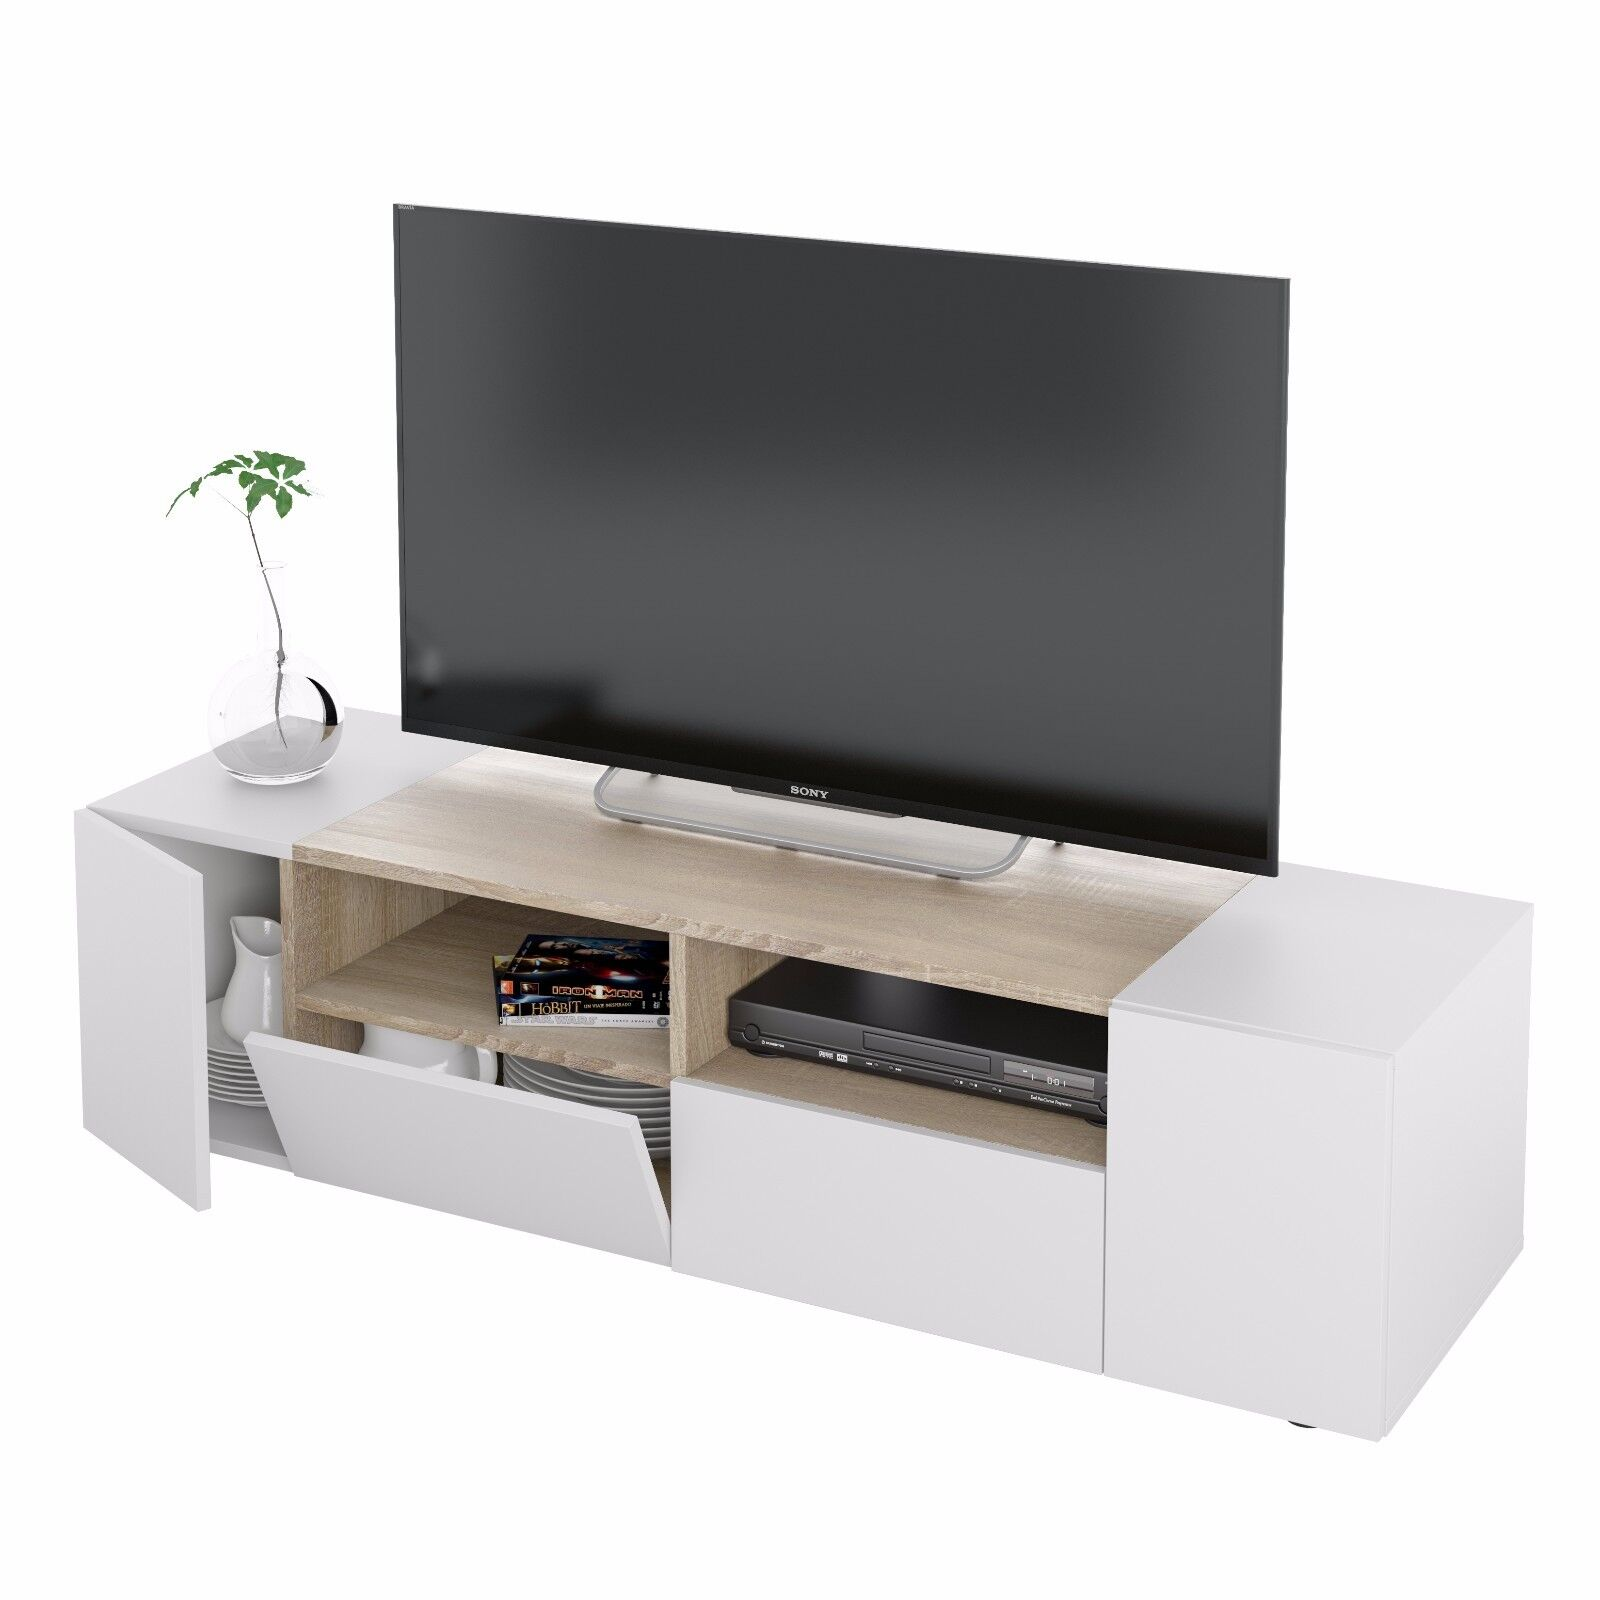 Mueble De Salon Modulo Comedor Acabado Blanco Artik Y Roble